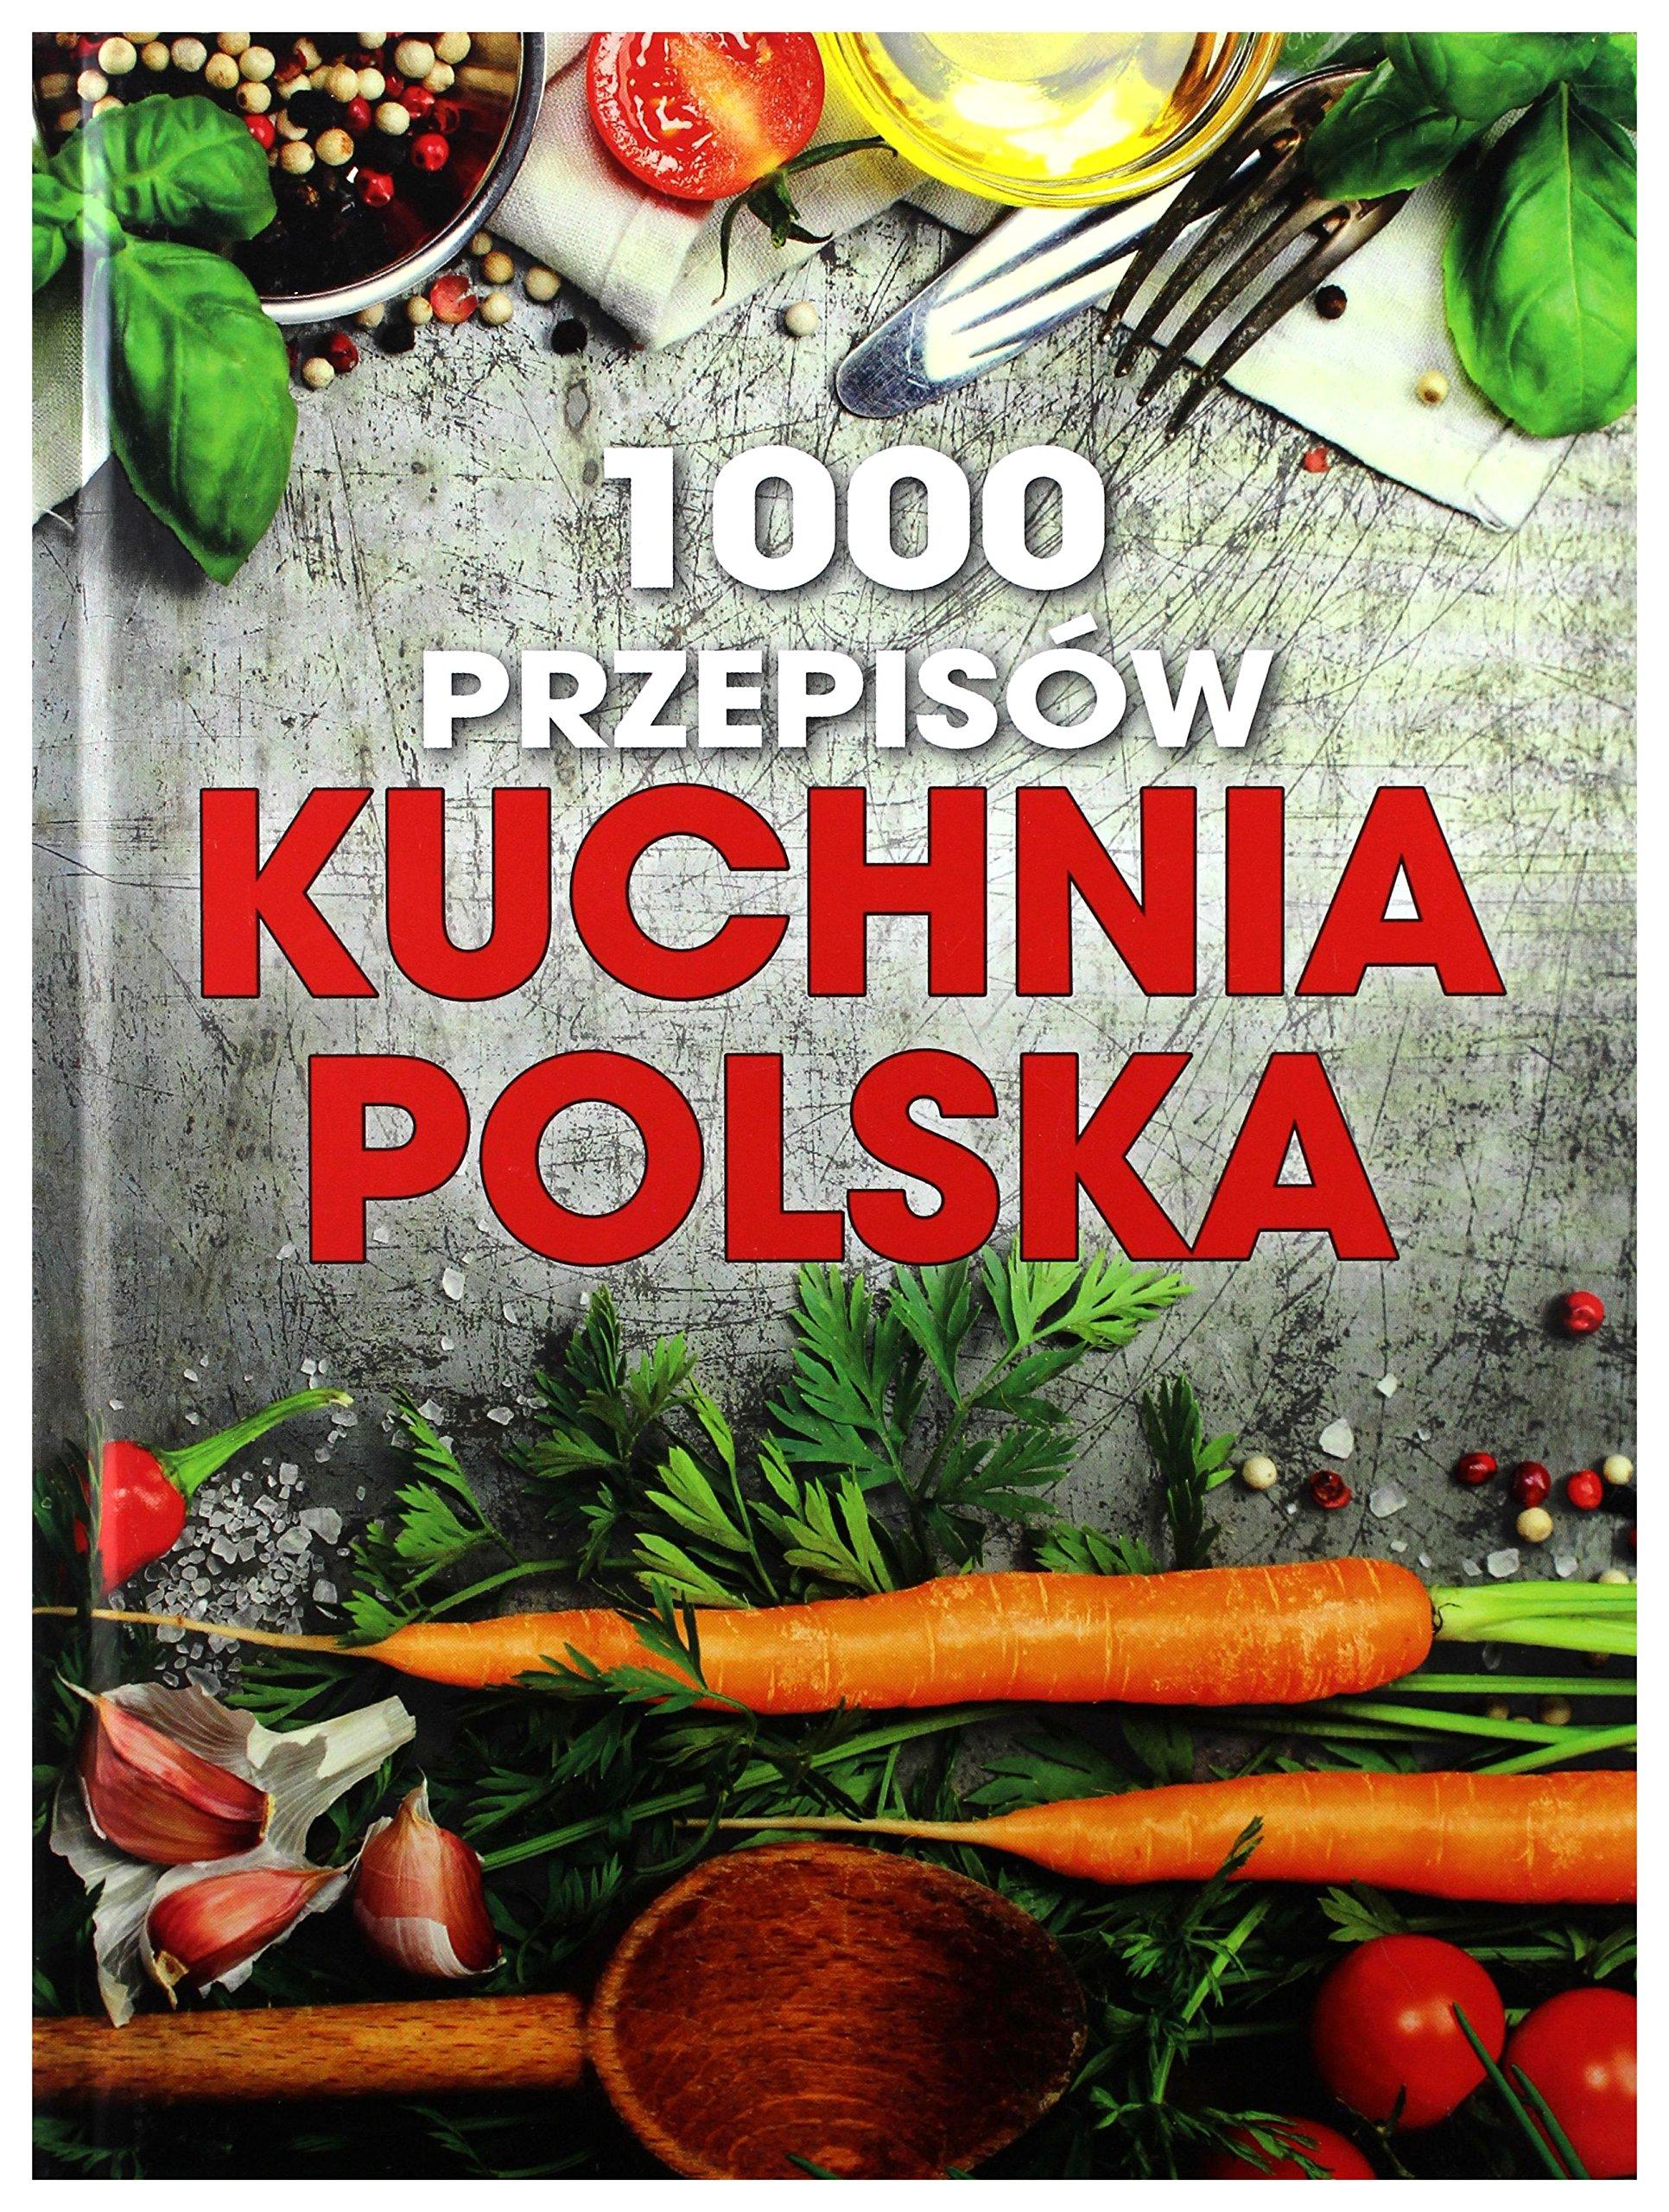 1000 Przepisow Kuchnia Polska 9788327444998 Amazoncom Books